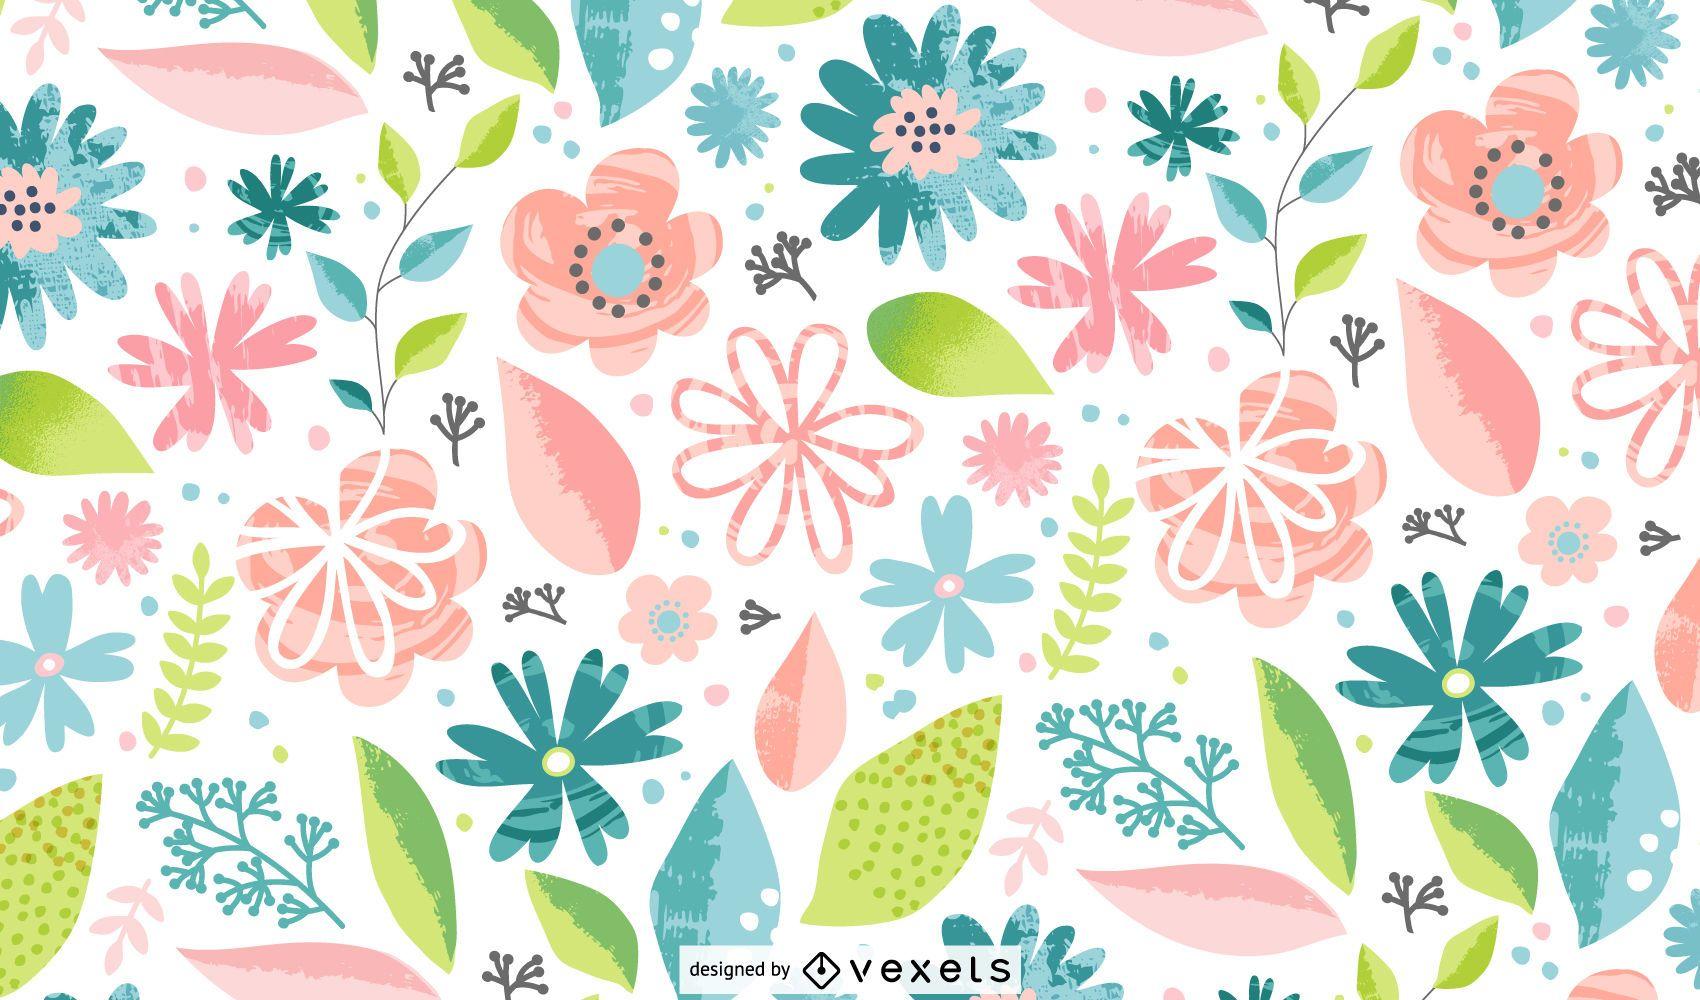 Buntes Muster der Frühlingsblumen